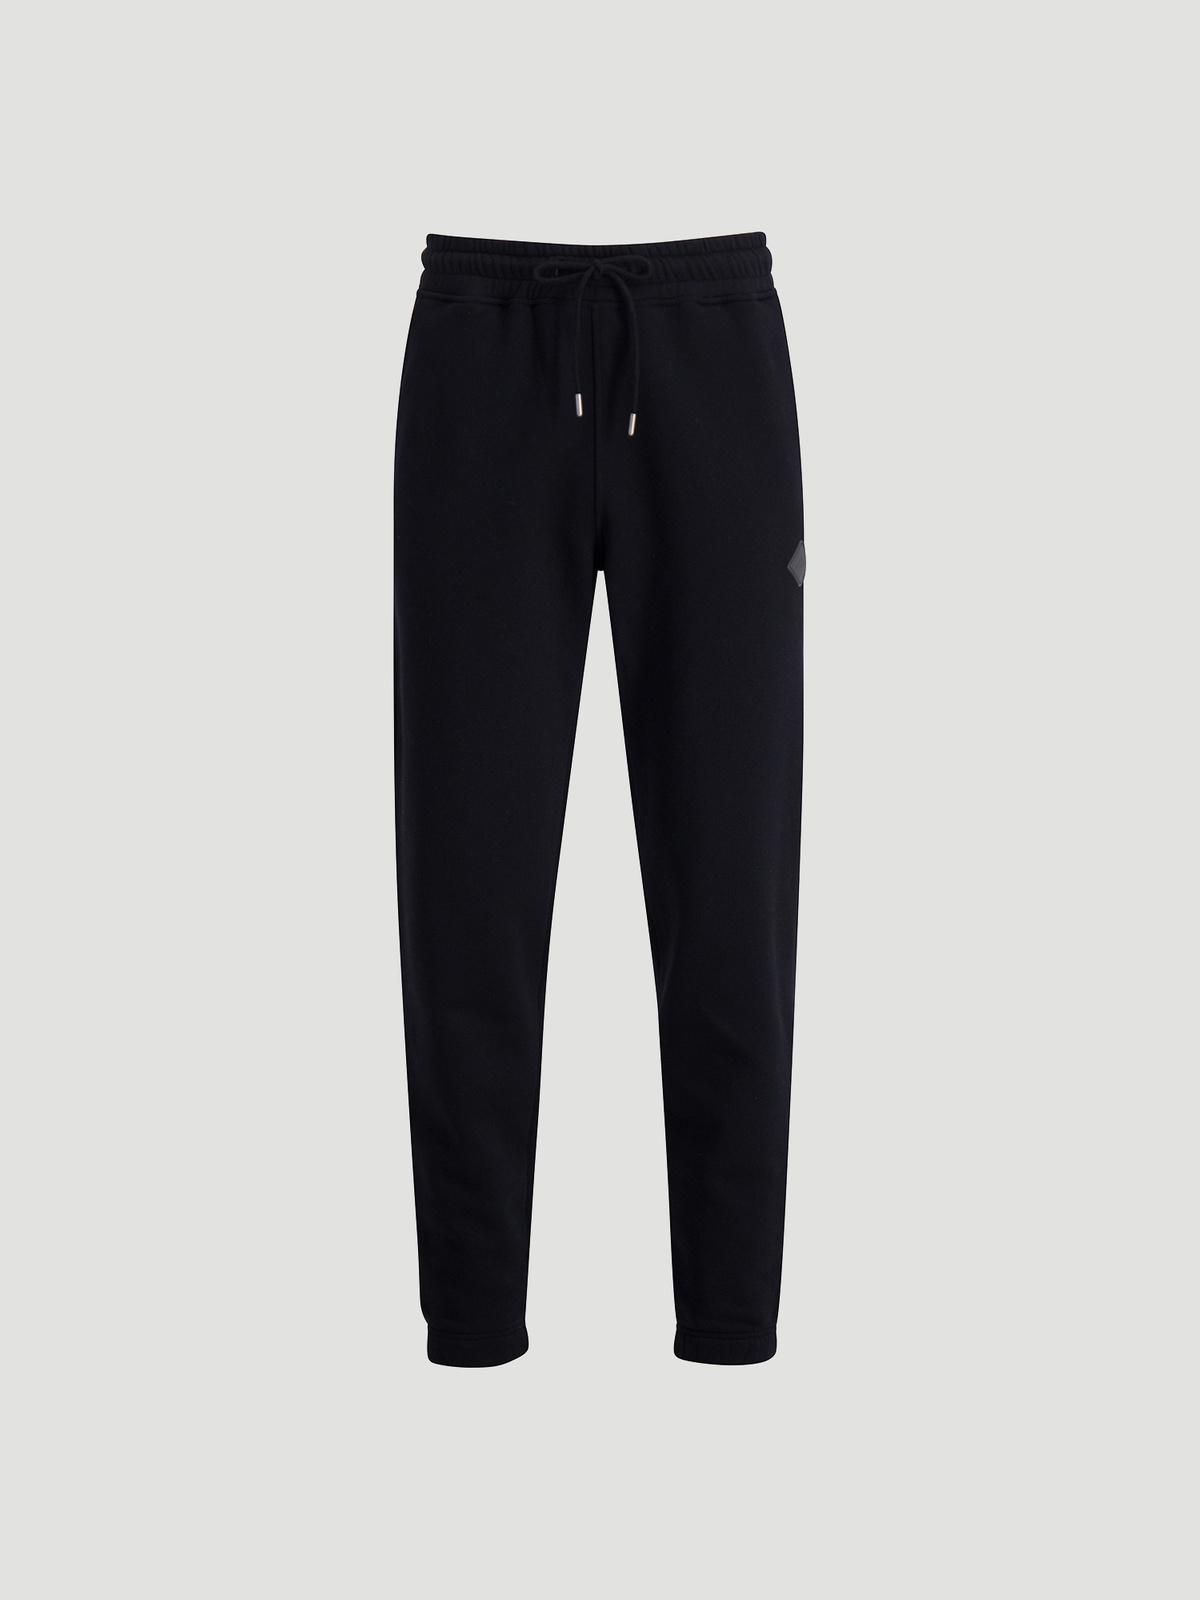 Hanger Trousers Black 1